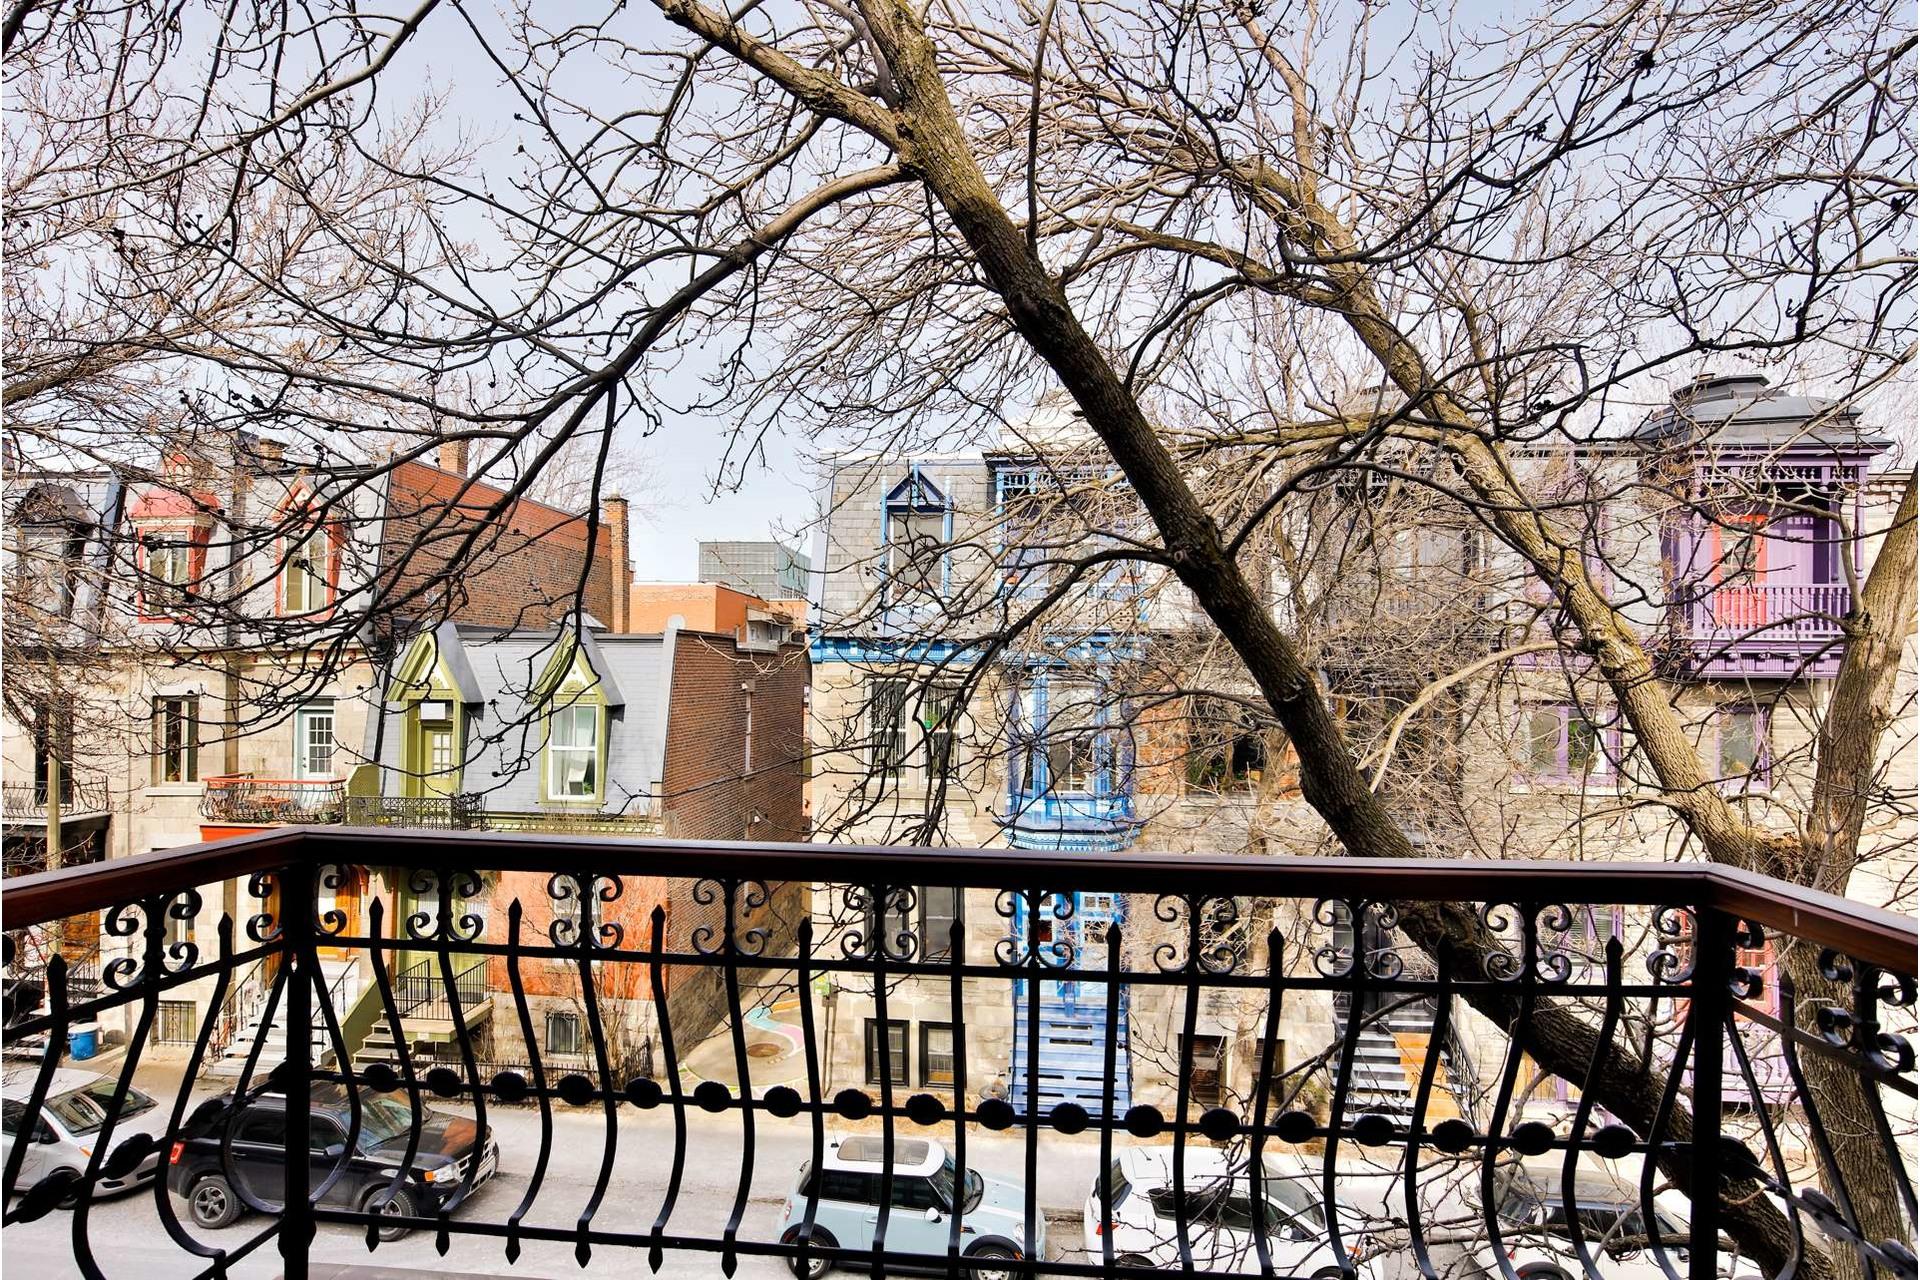 image 16 - Appartement À vendre Le Plateau-Mont-Royal Montréal  - 4 pièces